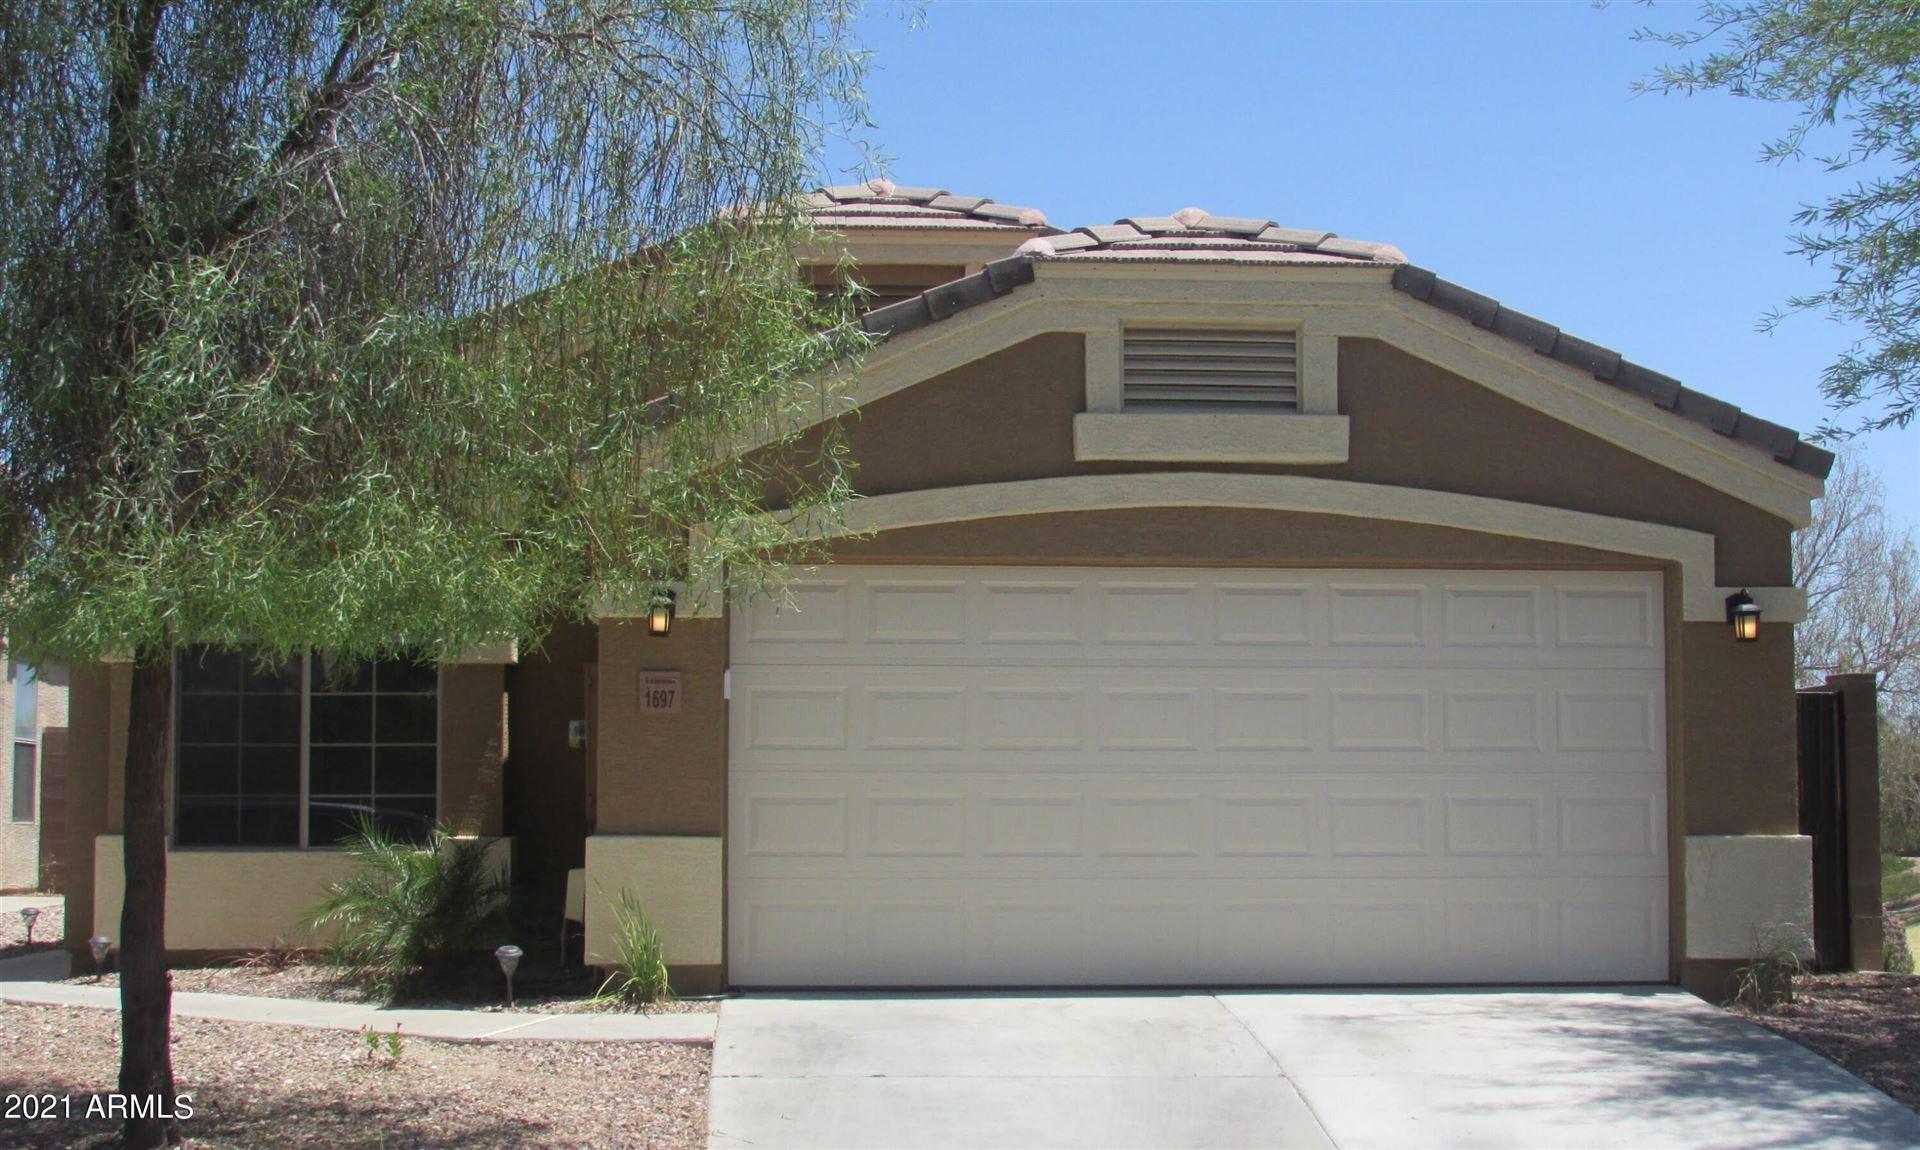 Photo of 1697 S 233RD Lane, Buckeye, AZ 85326 (MLS # 6232466)